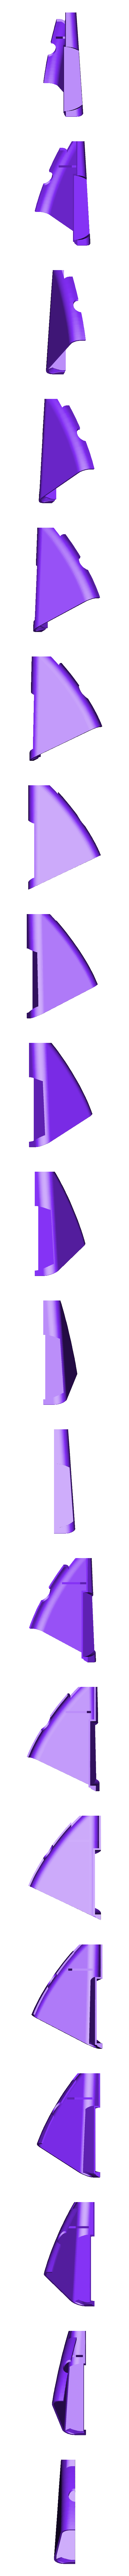 Mid_Body_2.stl Télécharger fichier STL gratuit Mario + Lapins Crétins - Plumer's Helper Boomshot • Modèle pour impression 3D, Dsk